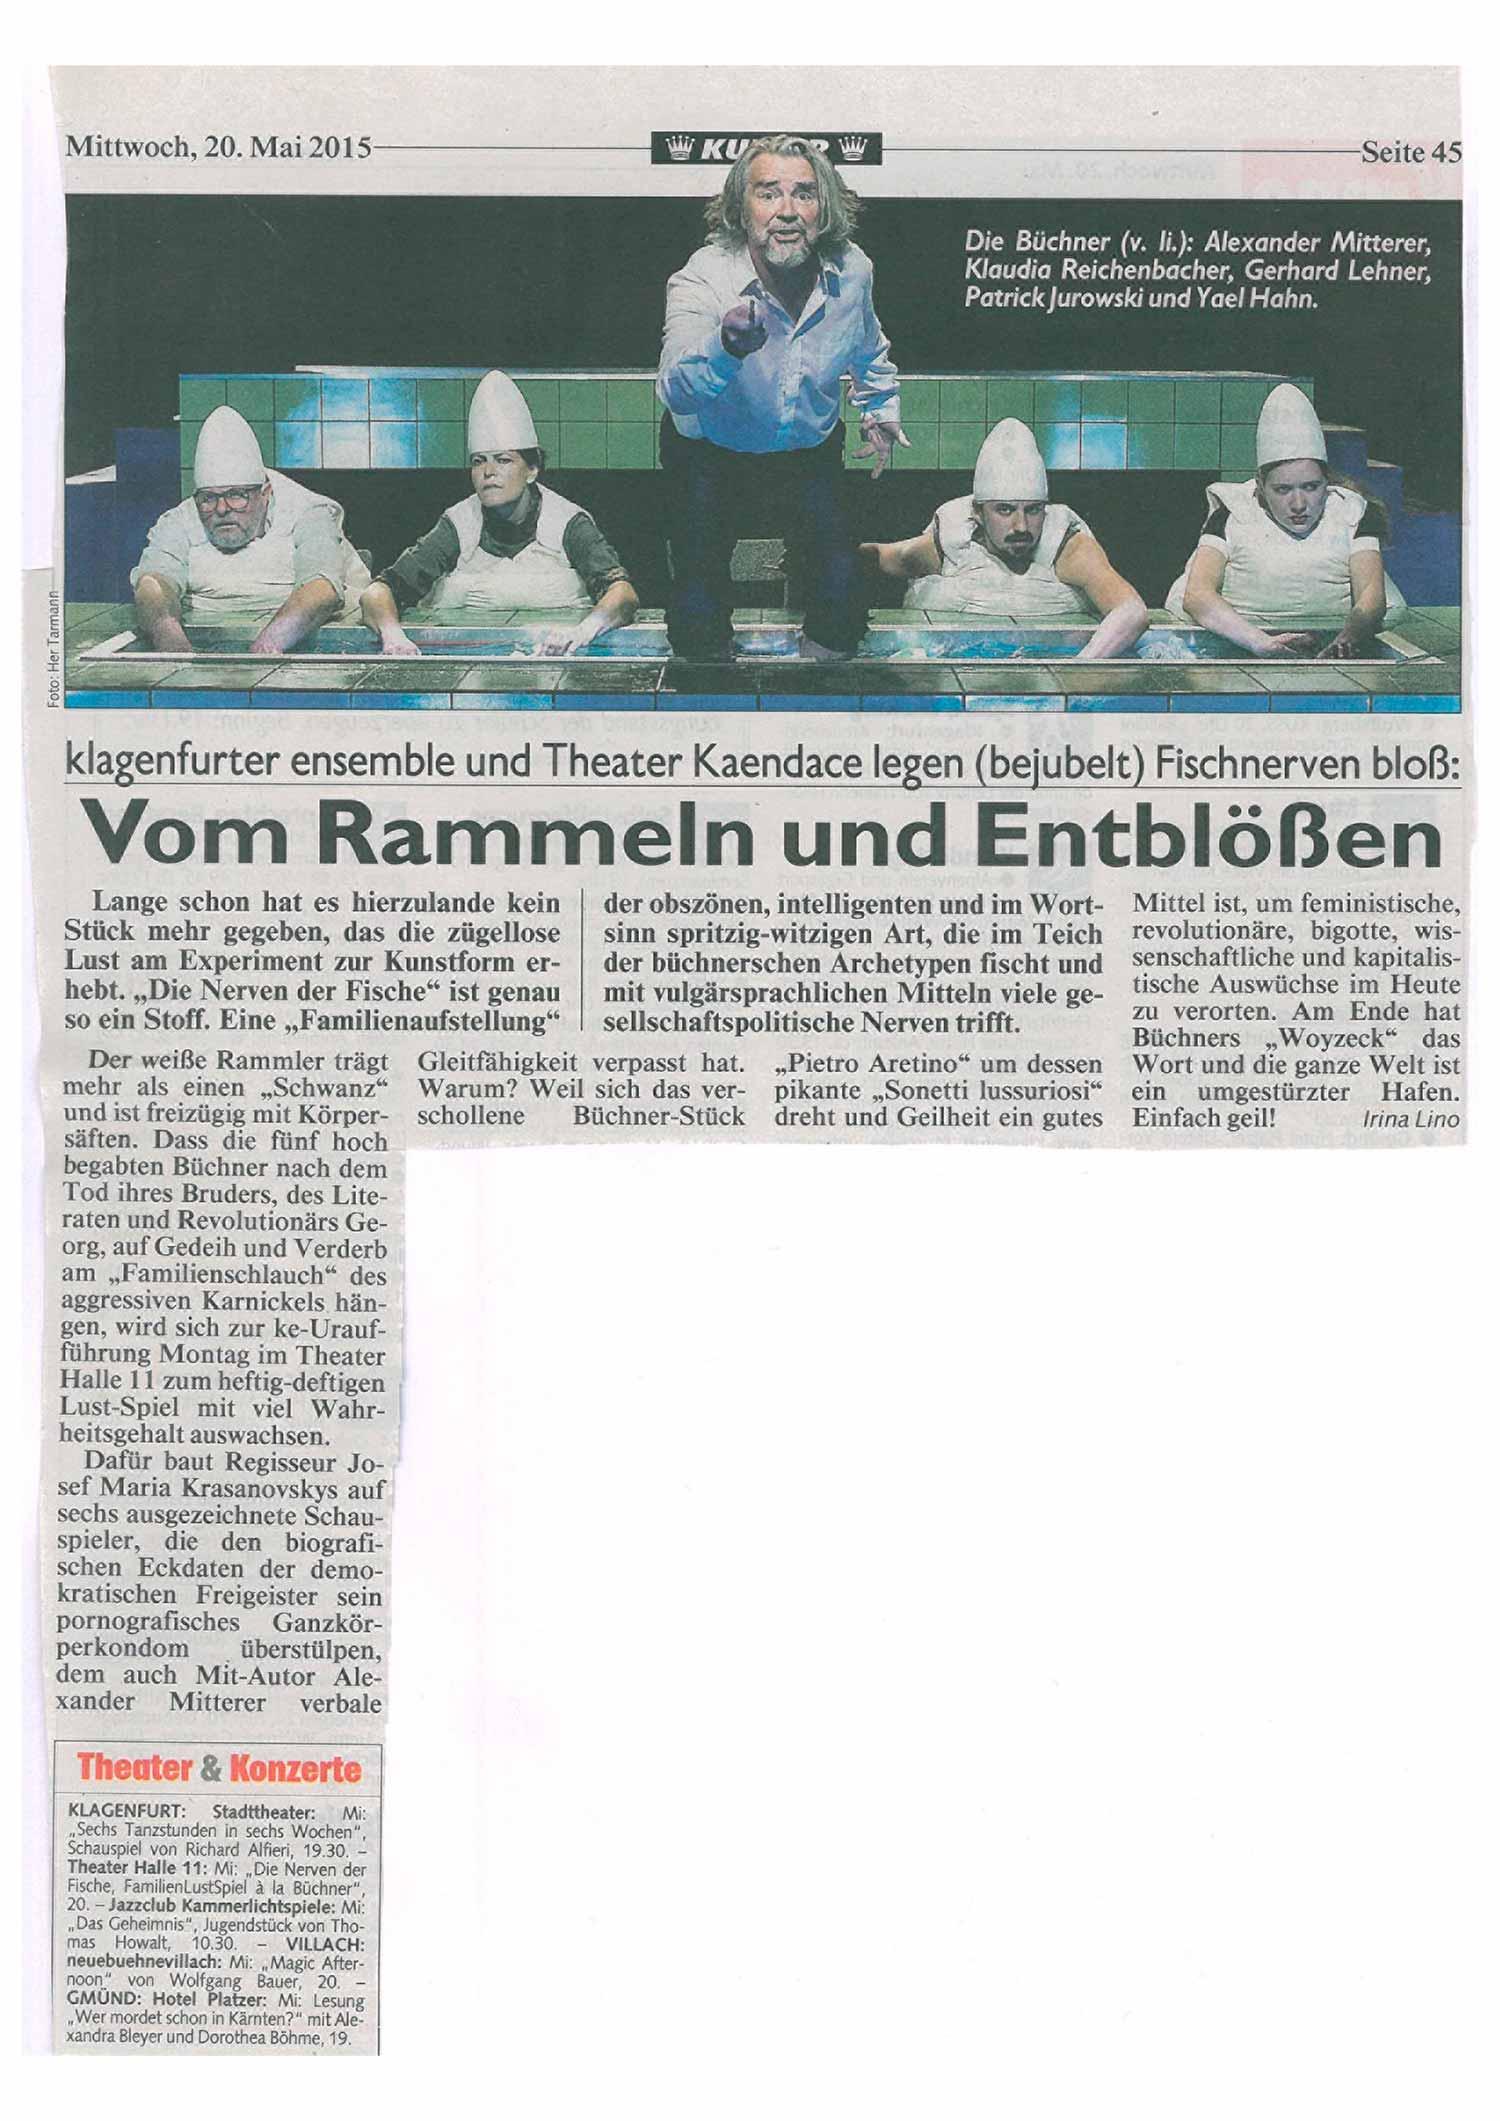 Die-Nerven-der-Fische_Kritik_Kronenzeitung | Theater Kaendace